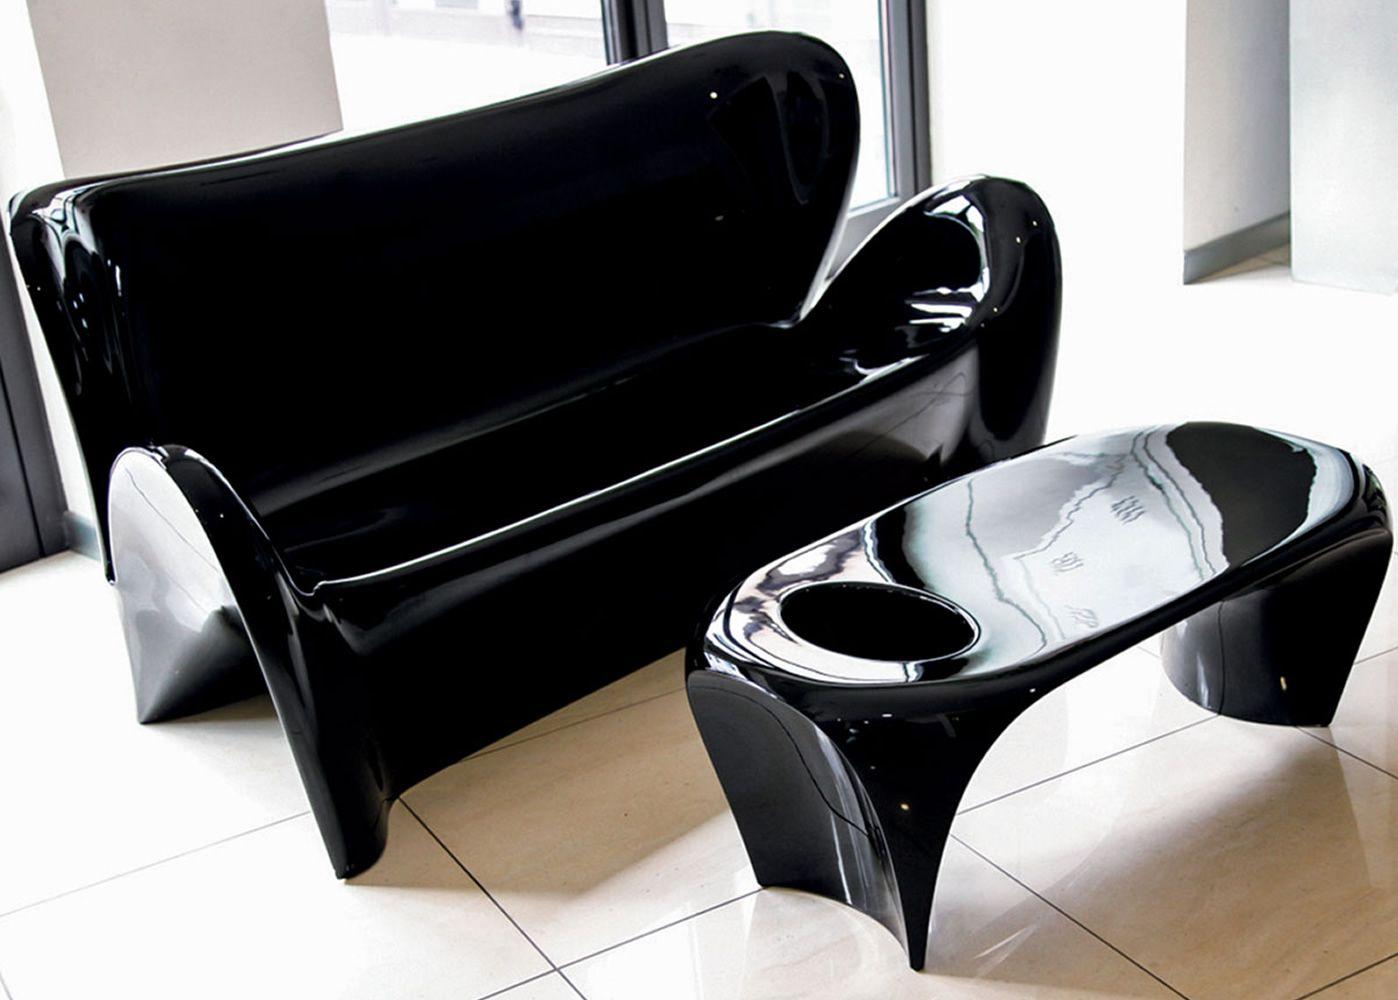 lily t beistelltisch aus technopolymer in verschiedenen farben verf gbar f r den au enbereich. Black Bedroom Furniture Sets. Home Design Ideas